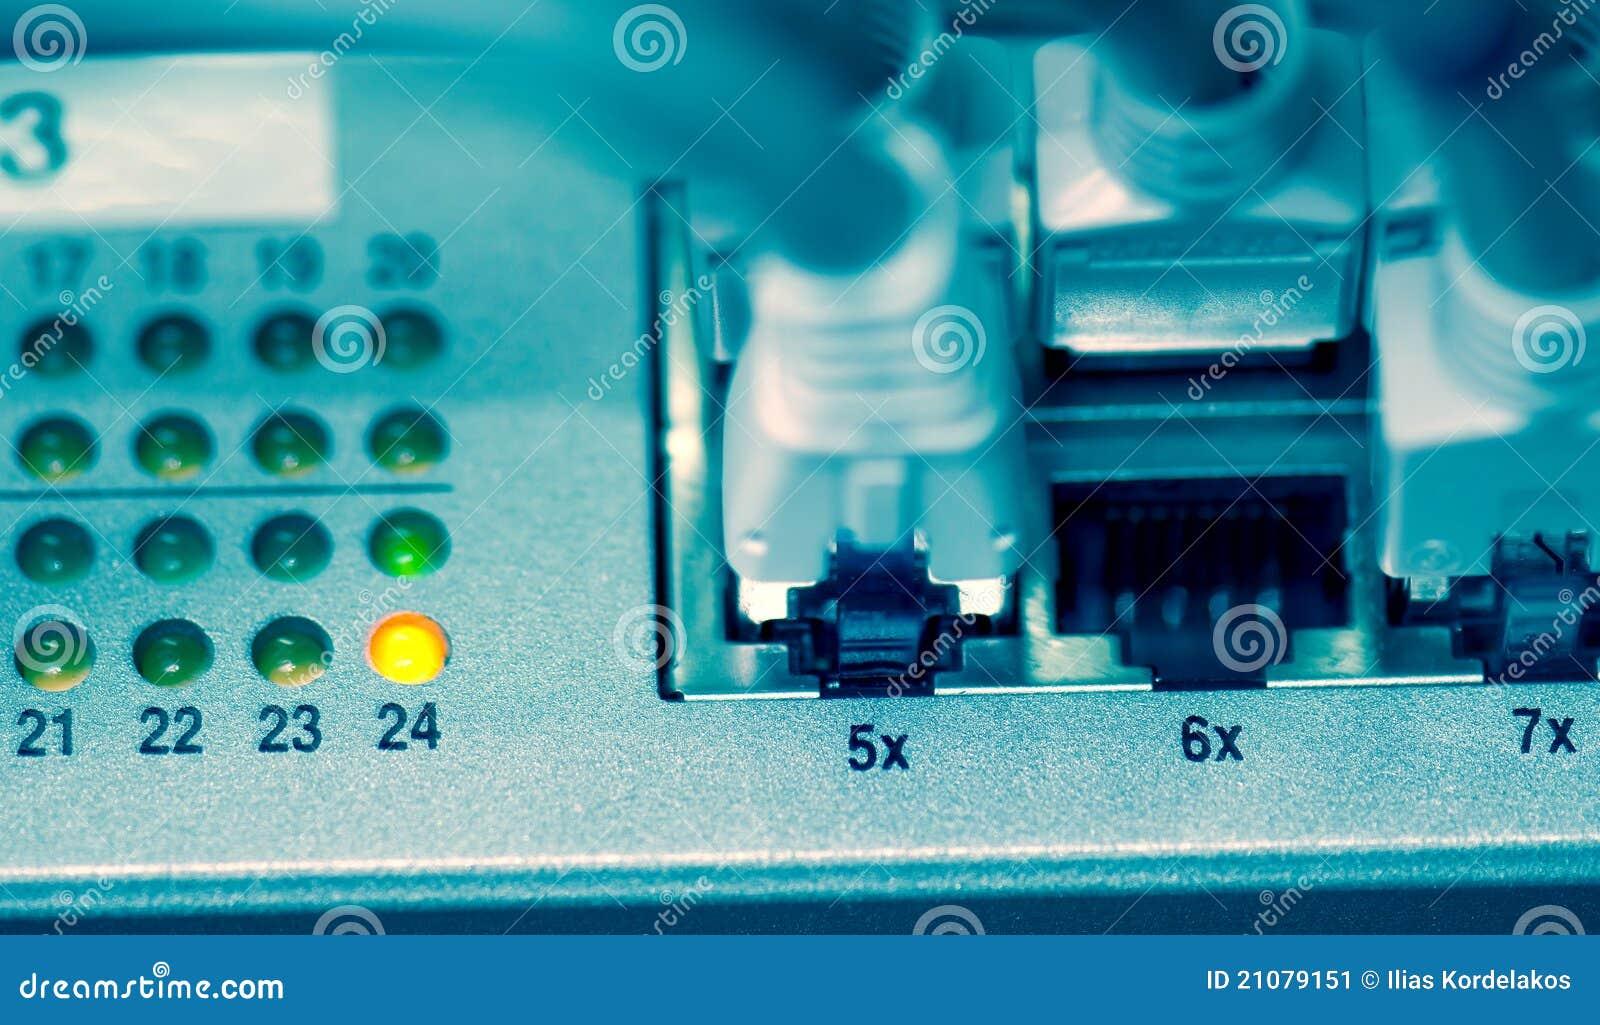 Nahaufnahme des Ethernet-Bolzens und -seilzuges